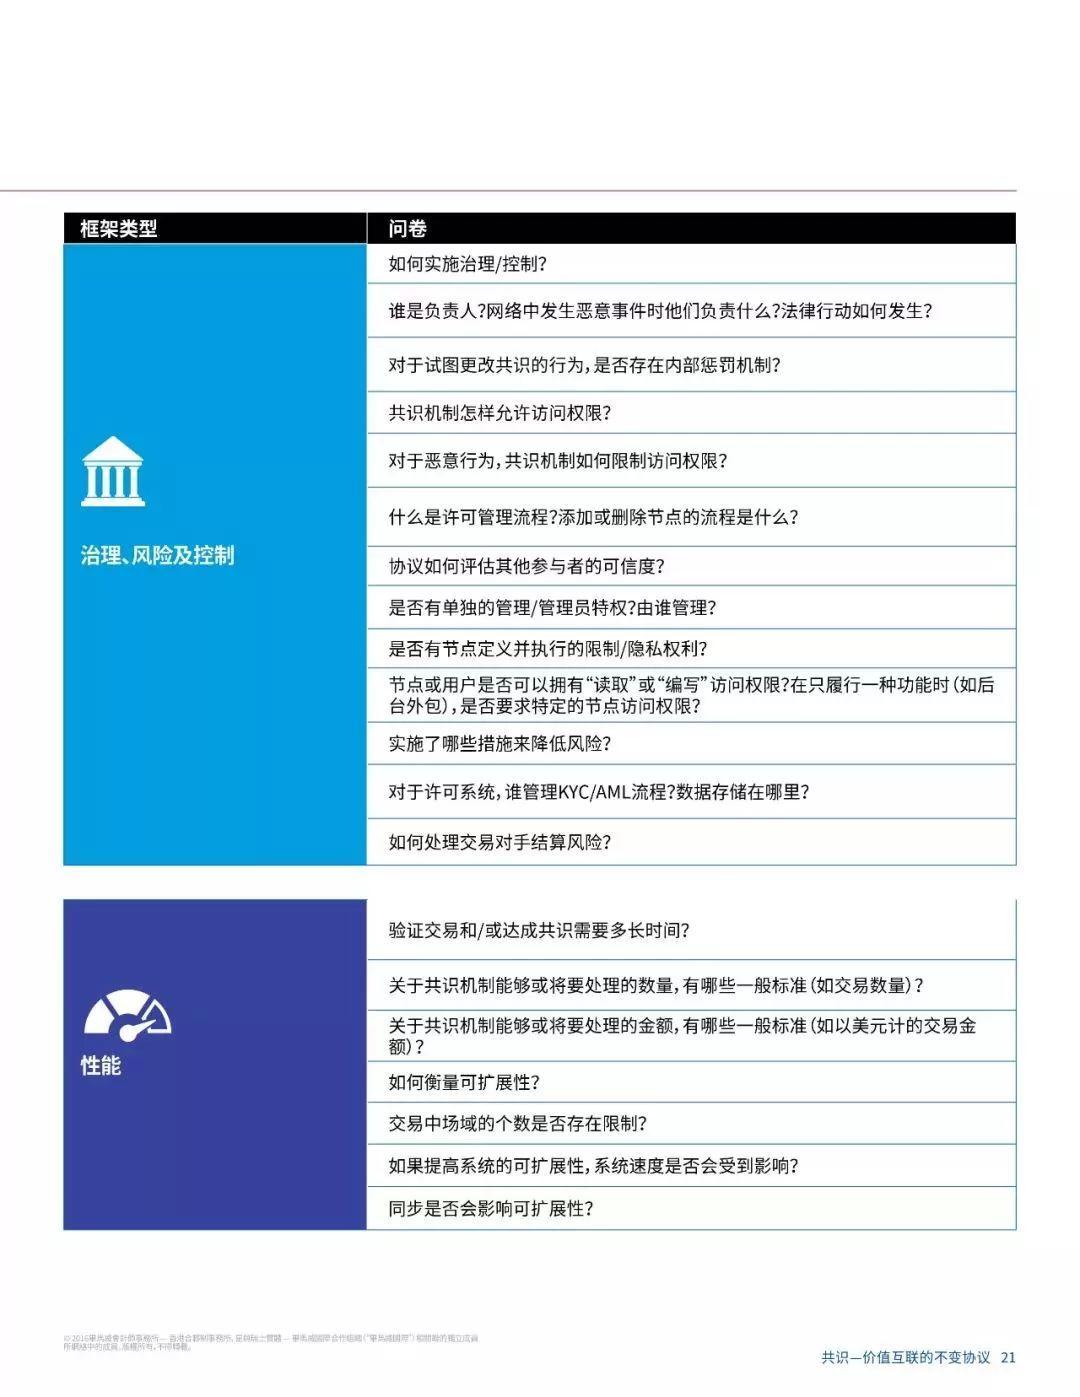 报告下载 | 毕马威区块链研究报告:区块链共识,价值互联网不变的协议